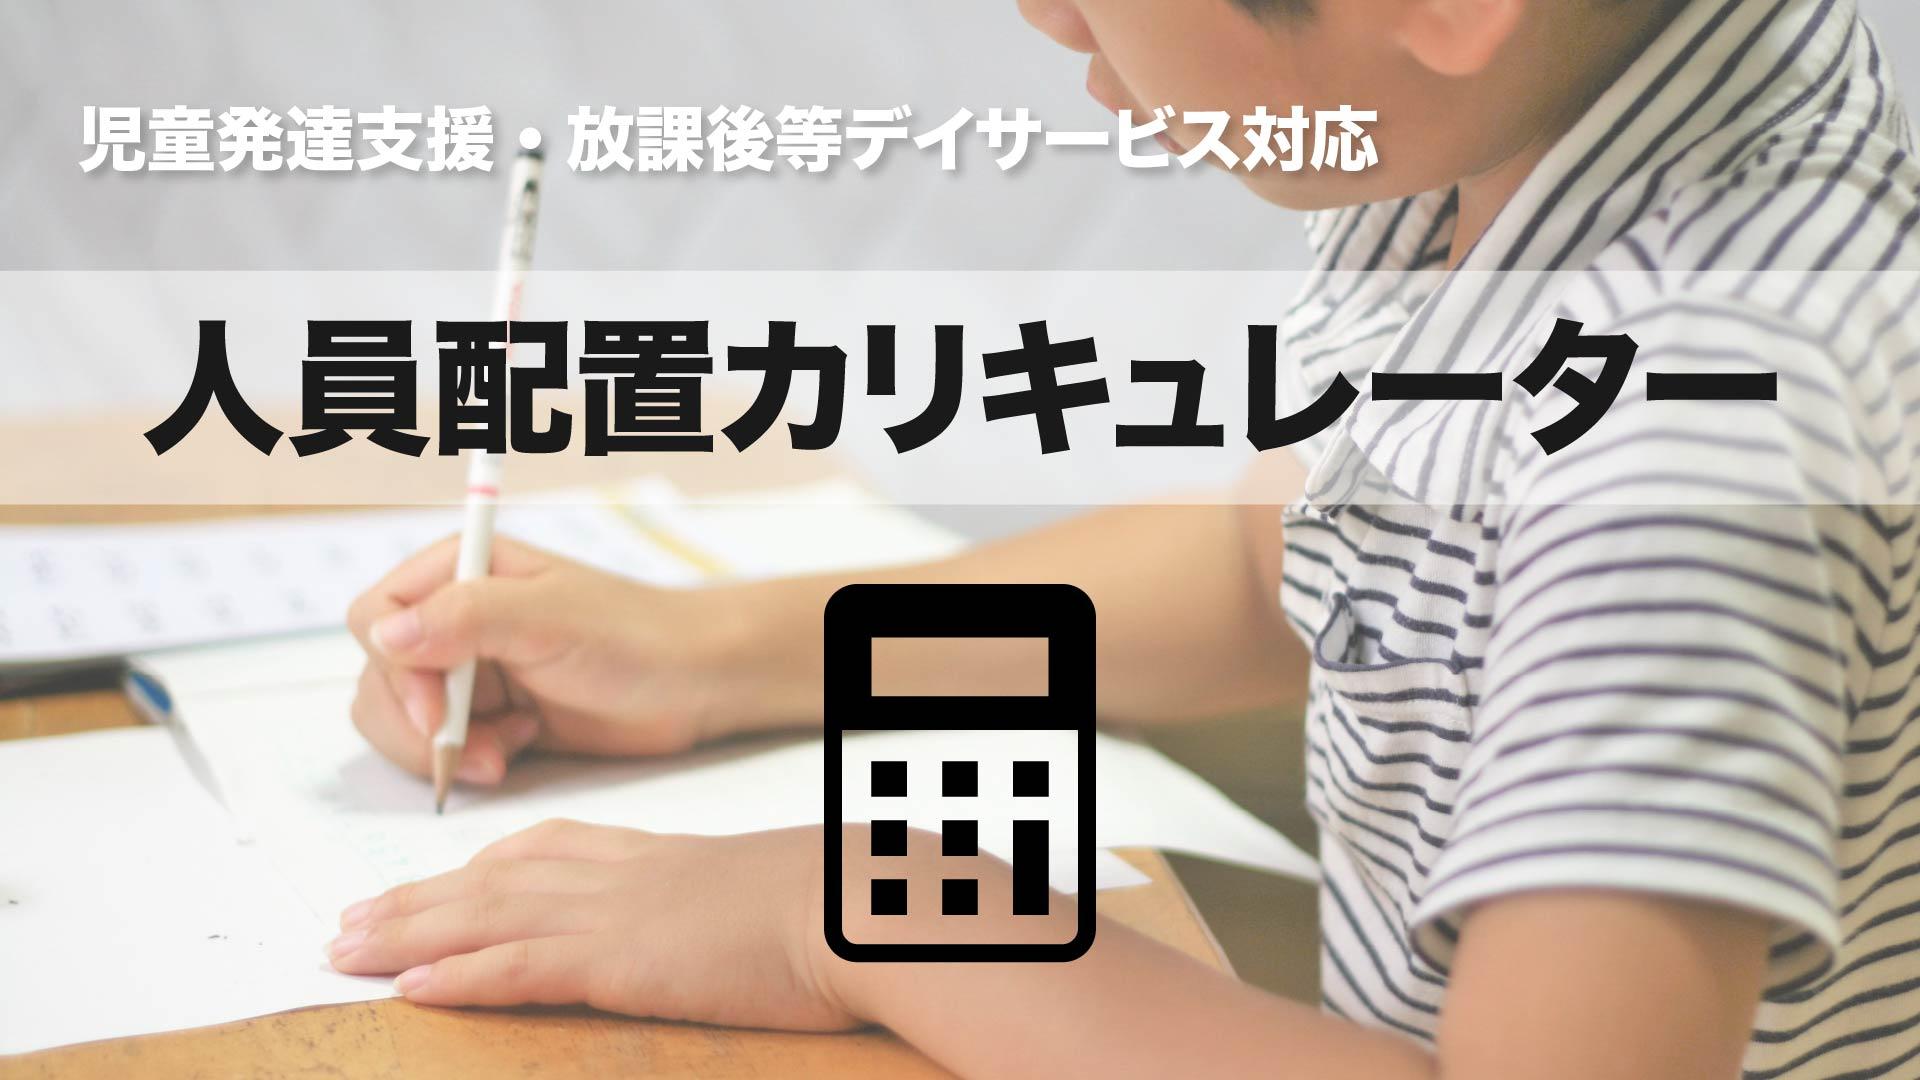 人員配置計算機〜放課後等デイサービス・児童発達支援〜